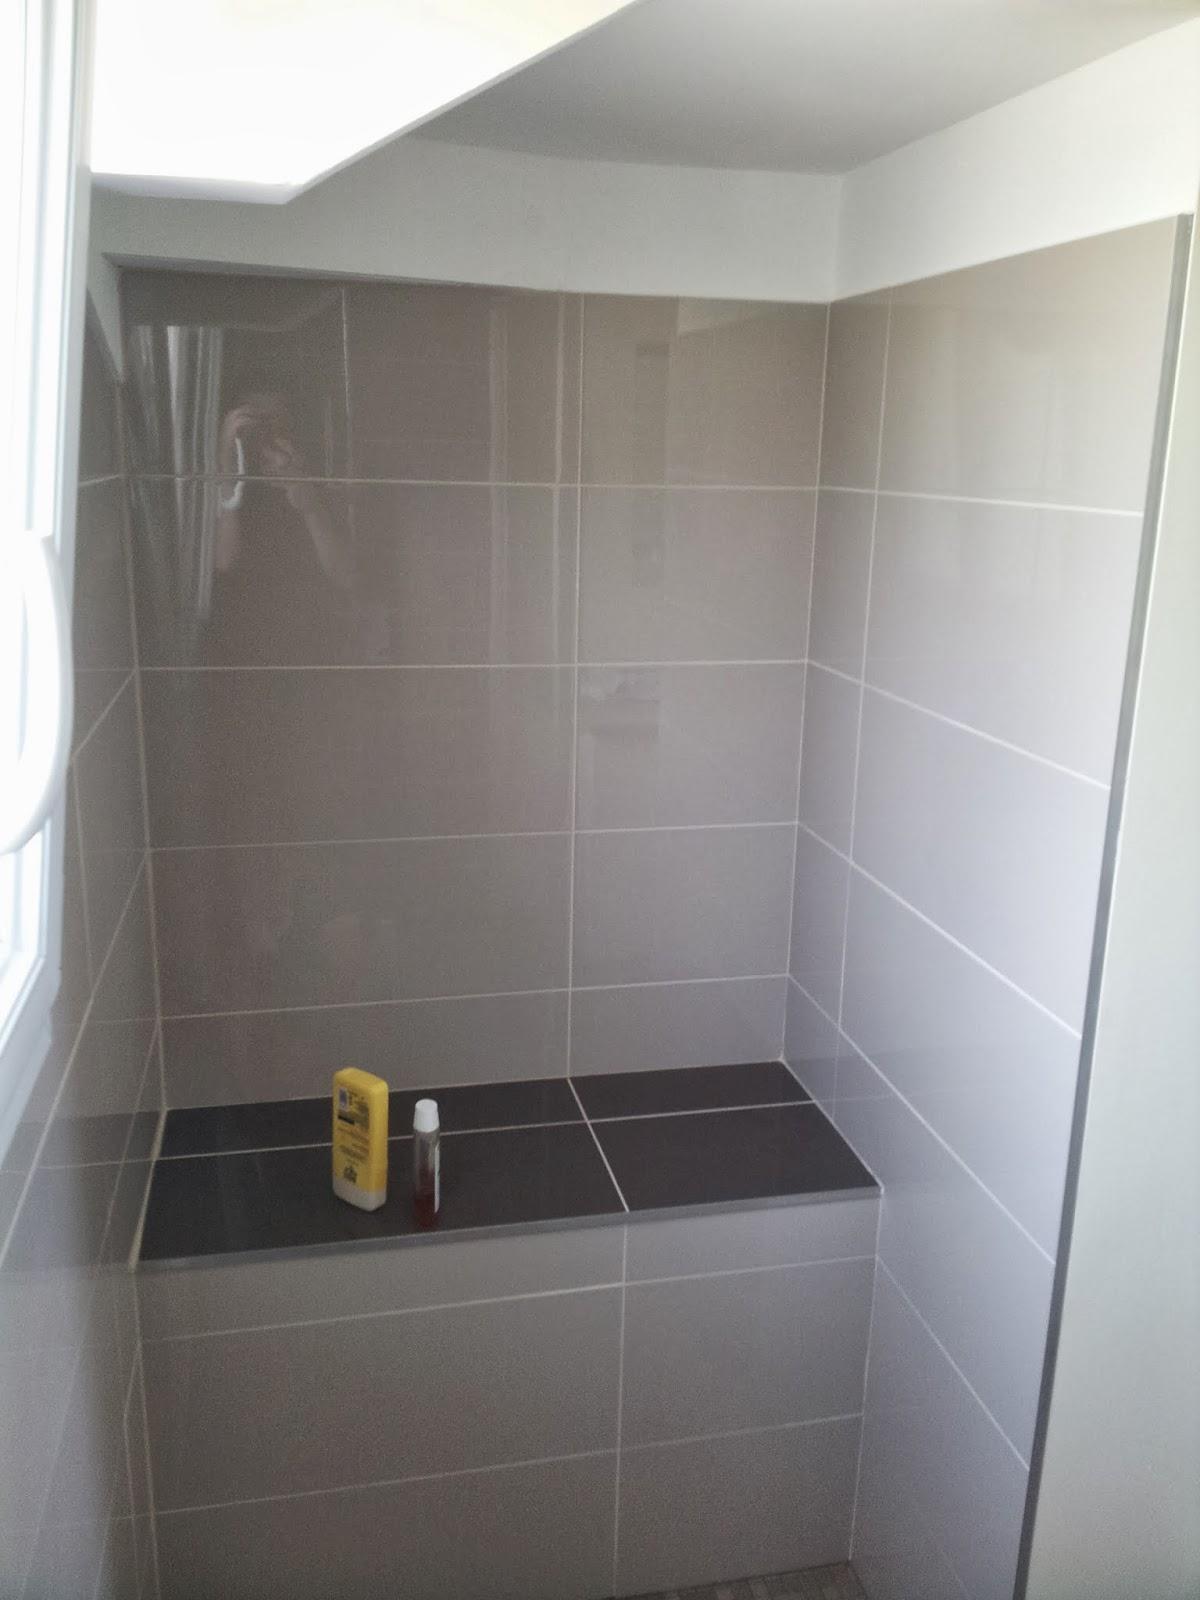 Michel le coz agencement d coration salle d 39 eau marron for Salle d exposition salle de bain